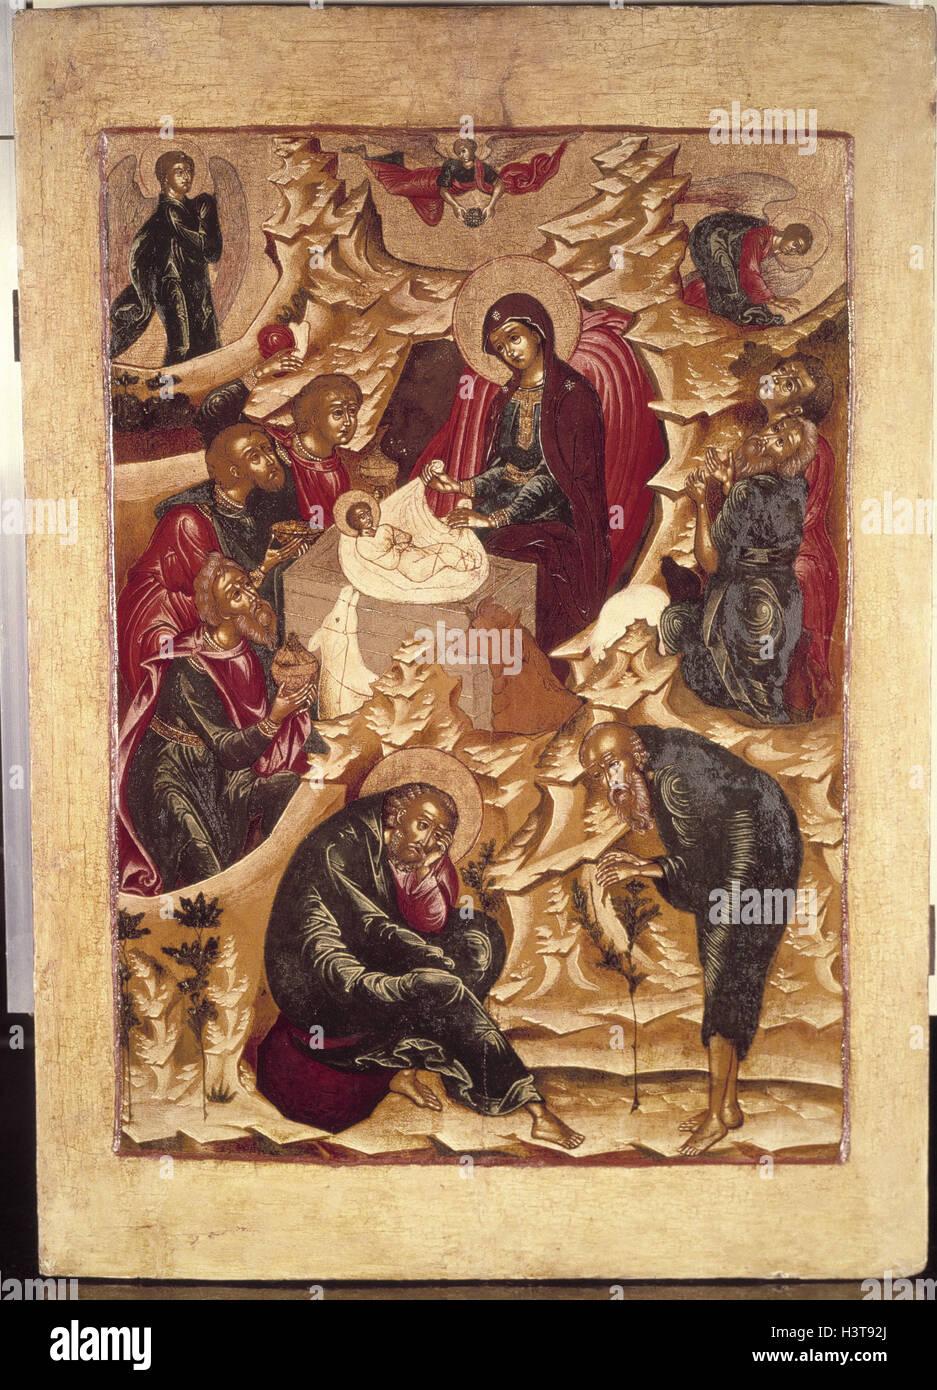 Weihnachten Im Christentum.Heiliges Bild Heilige Familie Krippe Kinderkrippe Tradition